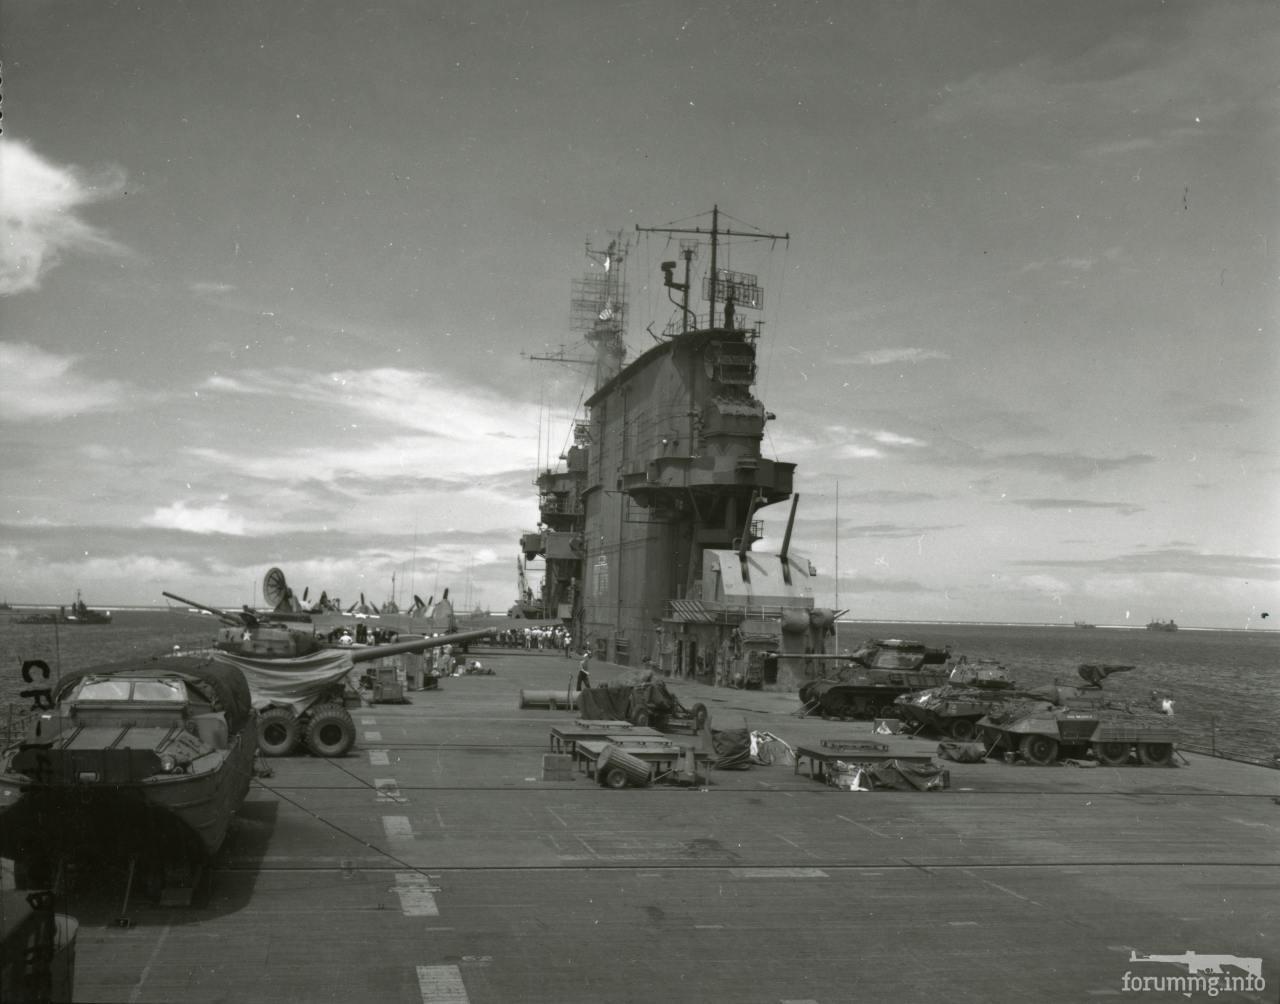 140175 - На палубе авианосца-мишени USS Саратога (CV-3) перед ядерными испытаниями в рамках программы Crossroads, 1946 г.